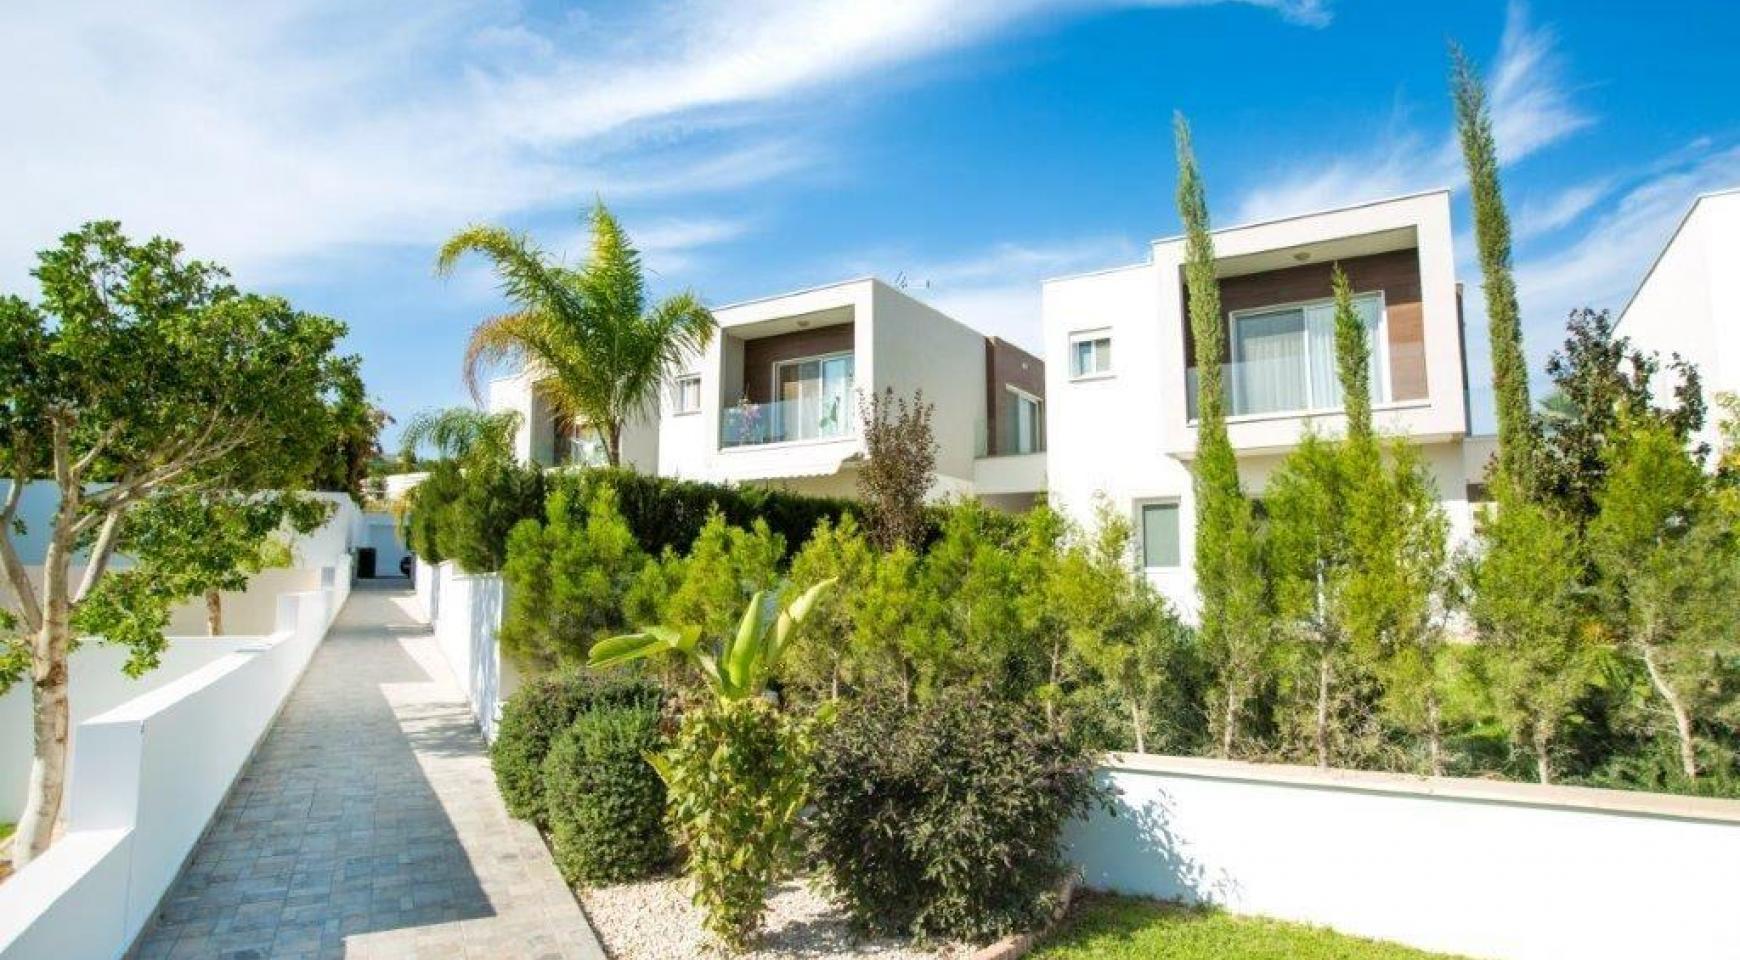 Αντίγραφο Αντίγραφο Αντίγραφο New 3 Bedroom Villa in Ipsonas Area - 6